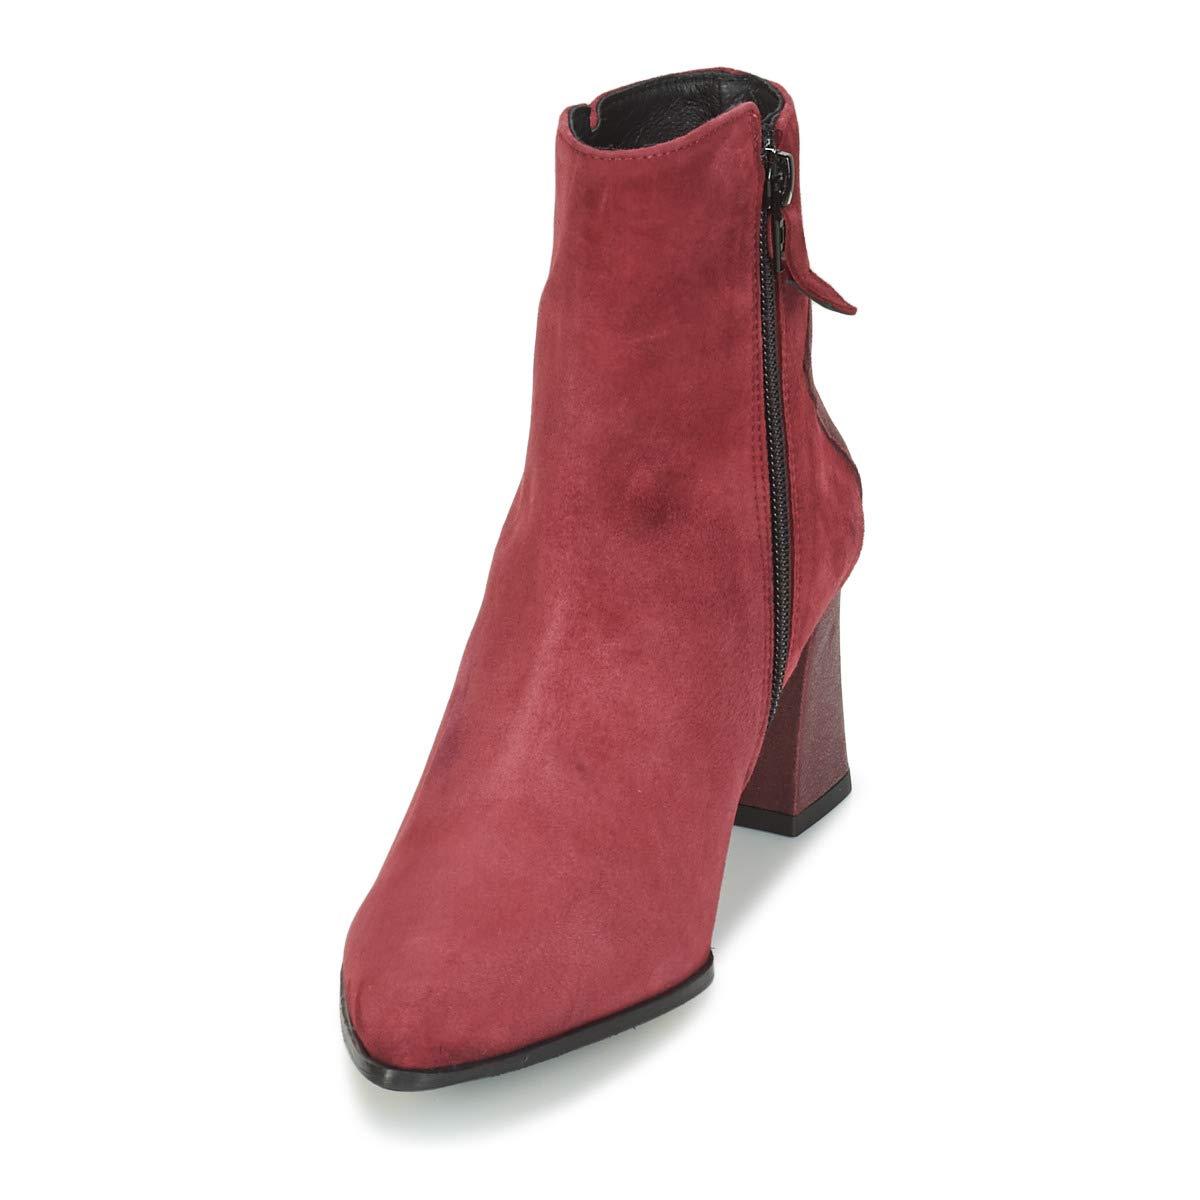 ELIZABETH STUART DHEXTER Stiefel Stiefelletten Stiefel DHEXTER Damen Bordeaux Low Stiefel 899efe